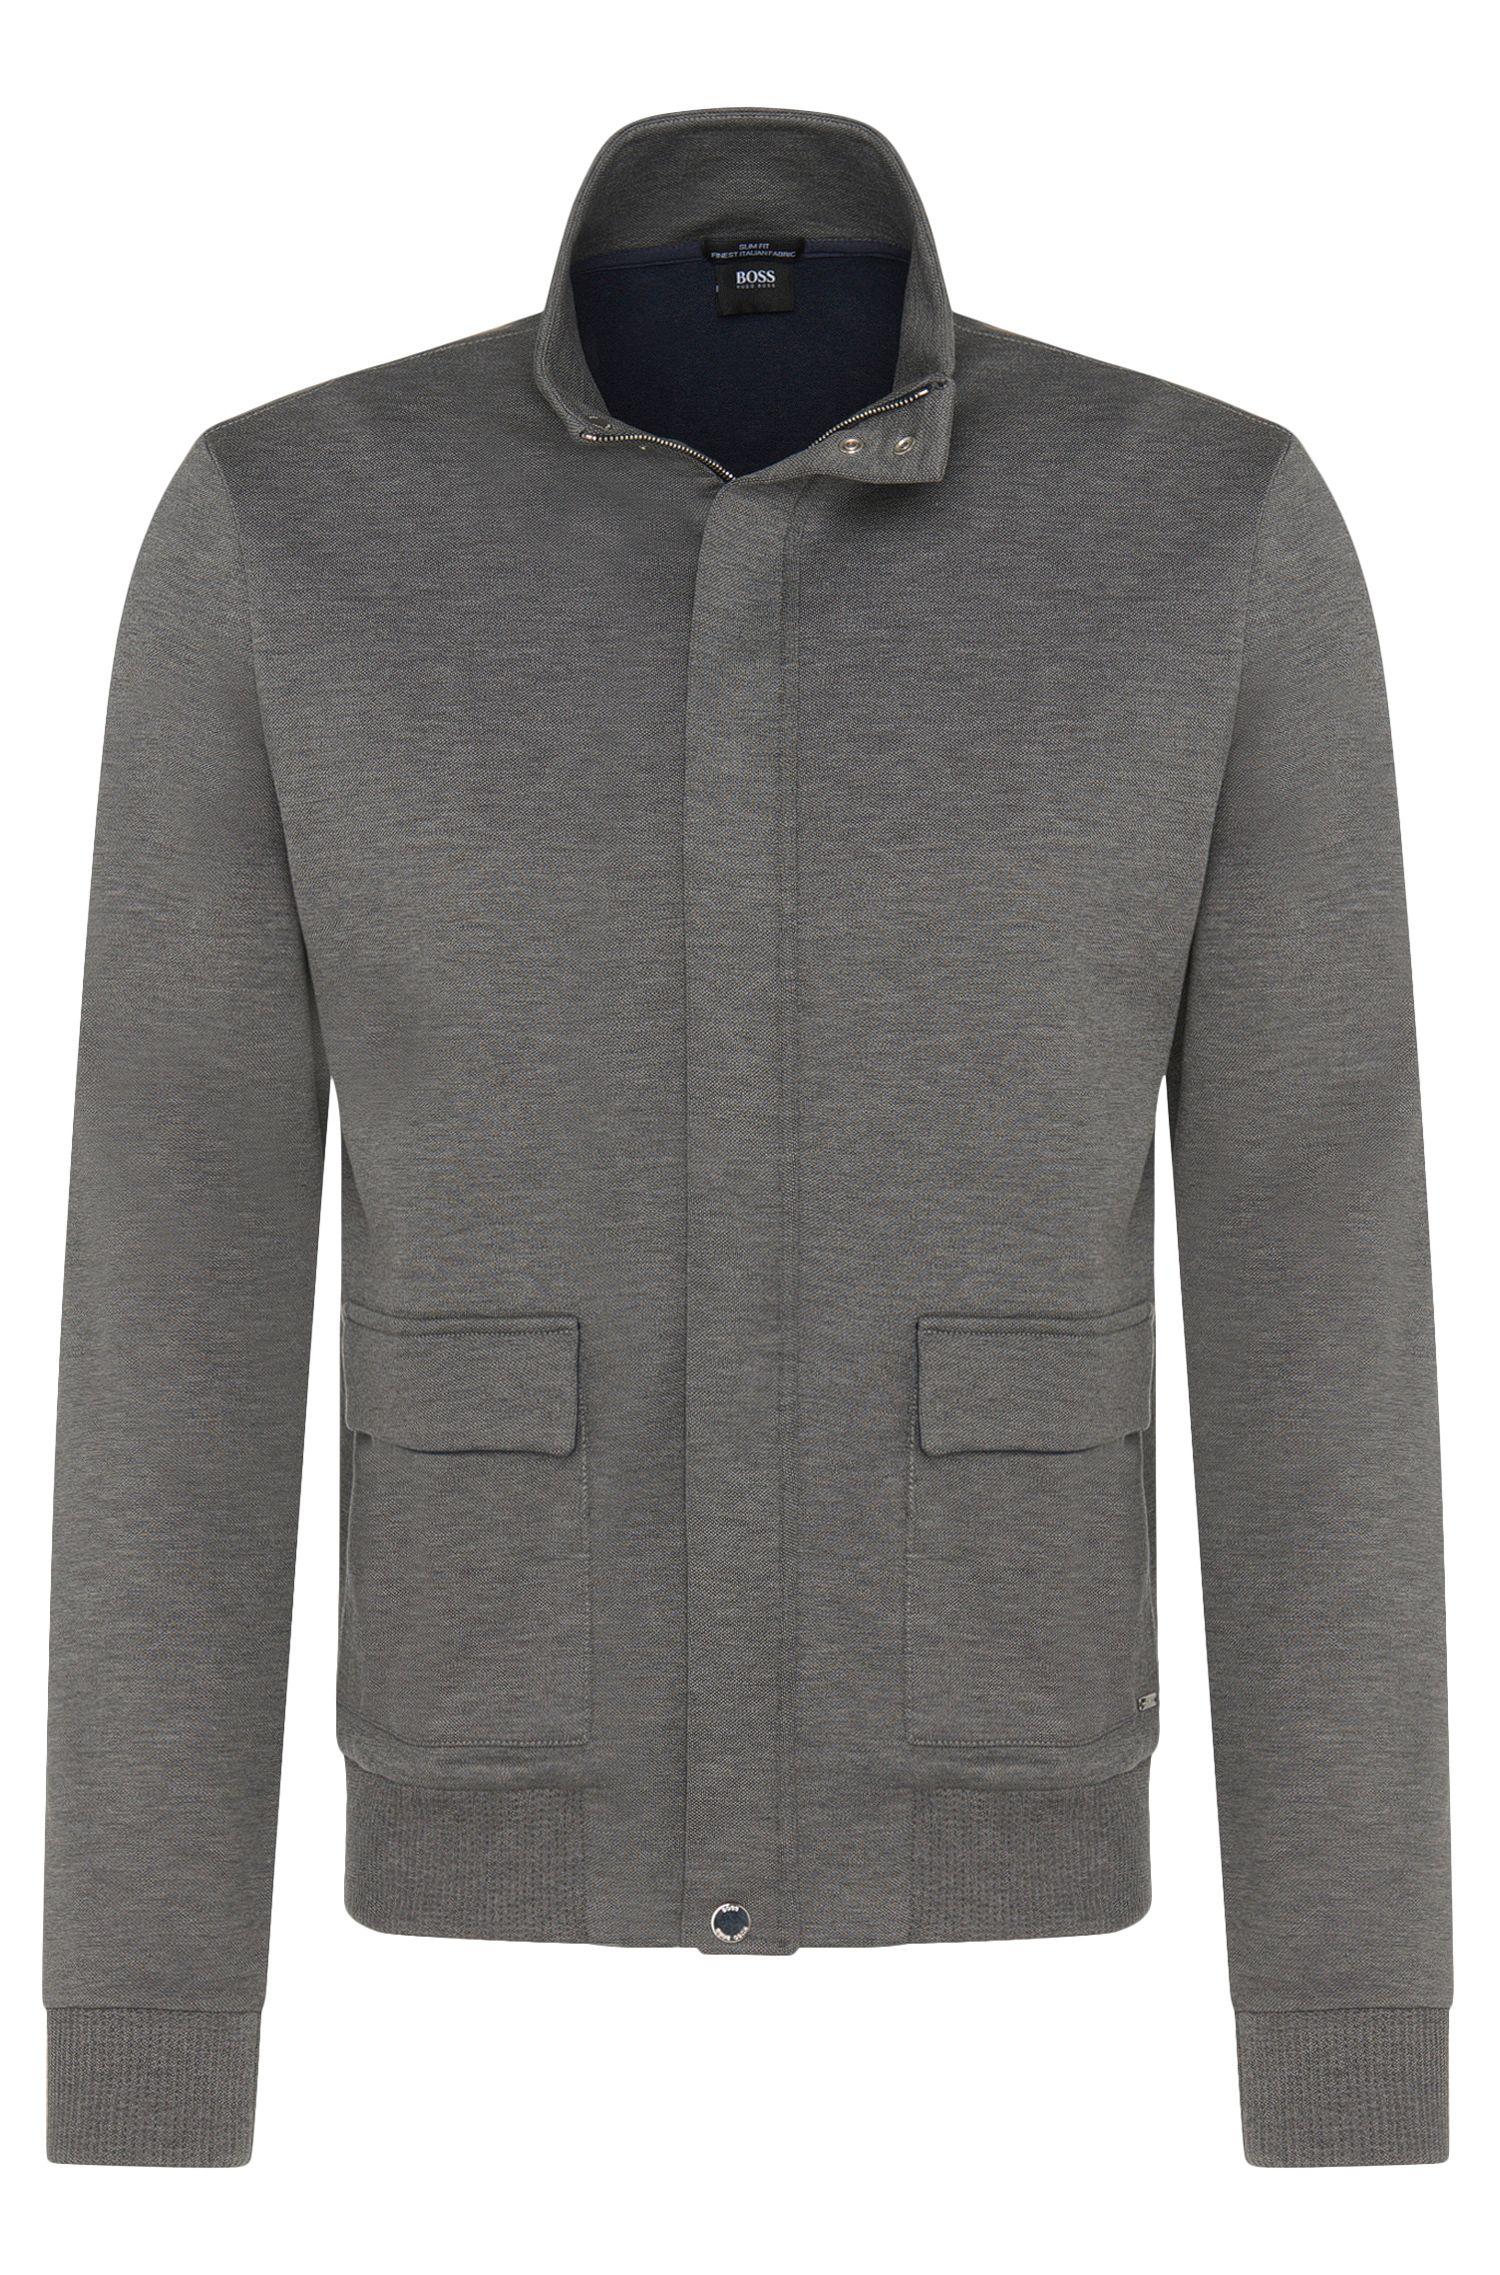 'Soule' | Italian Cotton Blend Sweat Jacket